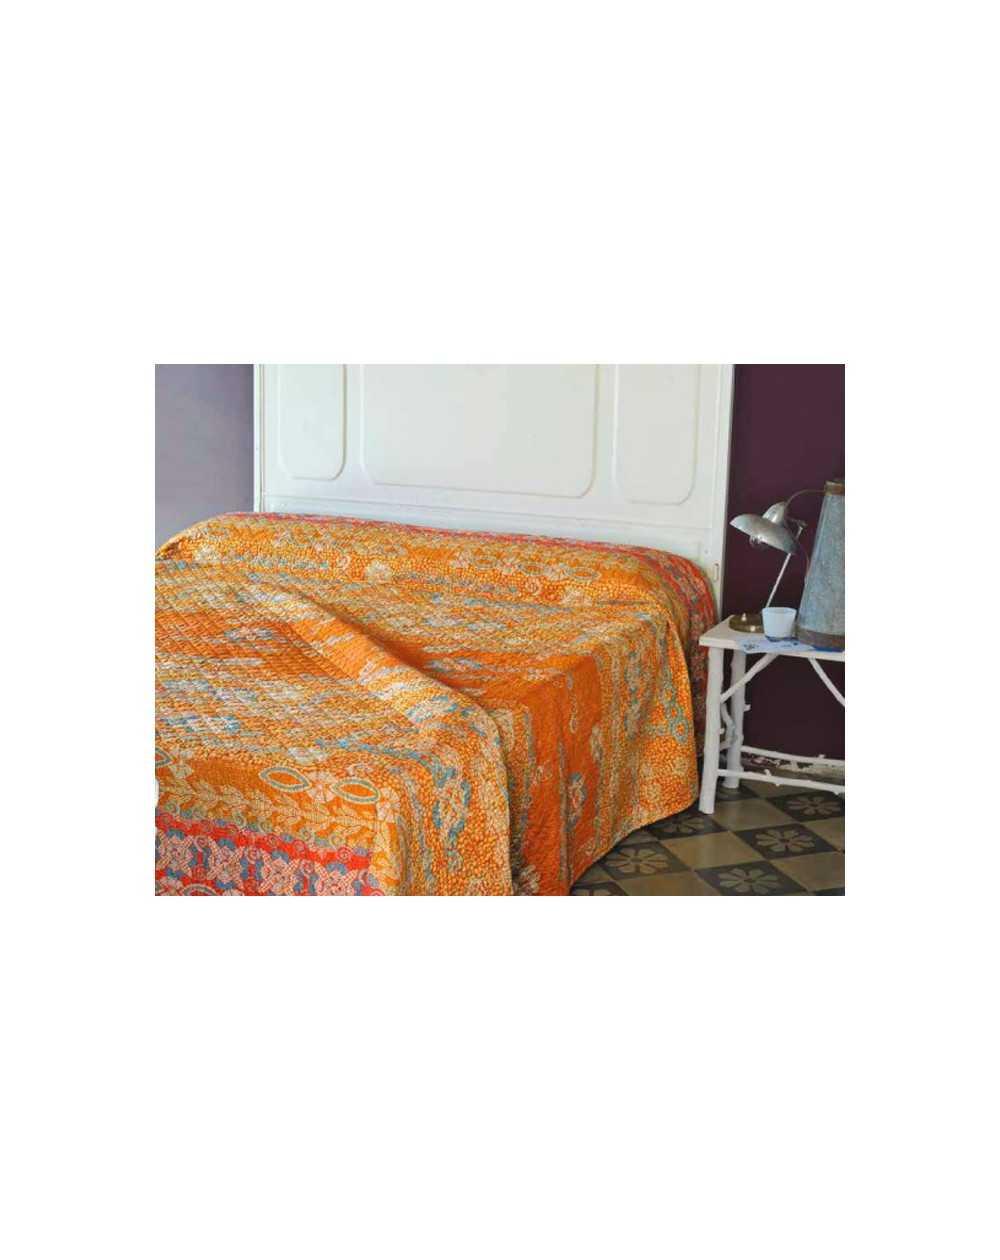 Telo arredo copridivano copriletto col arancio piazza armerina granfoulard bassetti - Copridivano bassetti ...